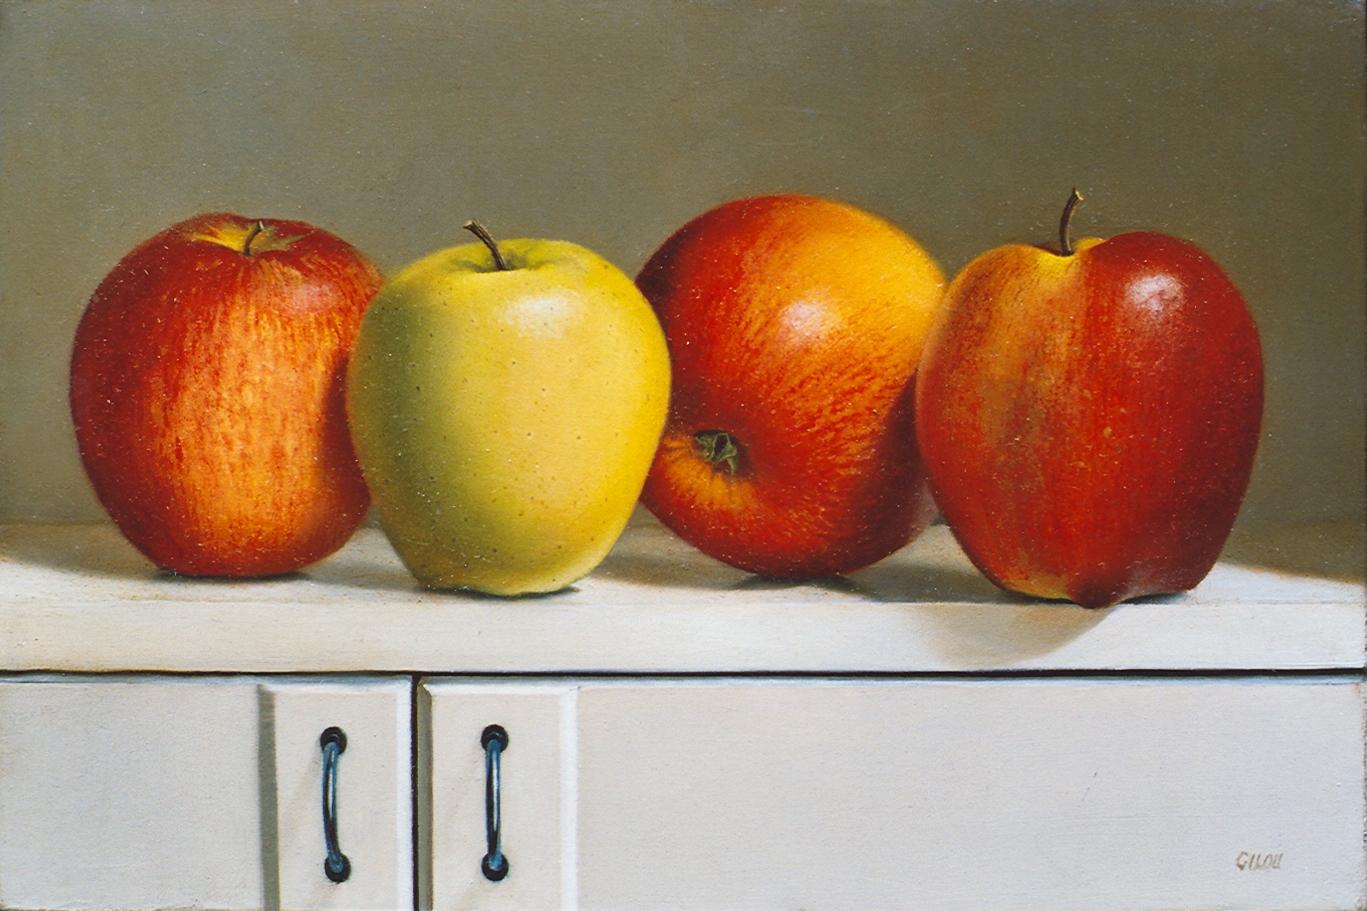 Gilou, Les pommes